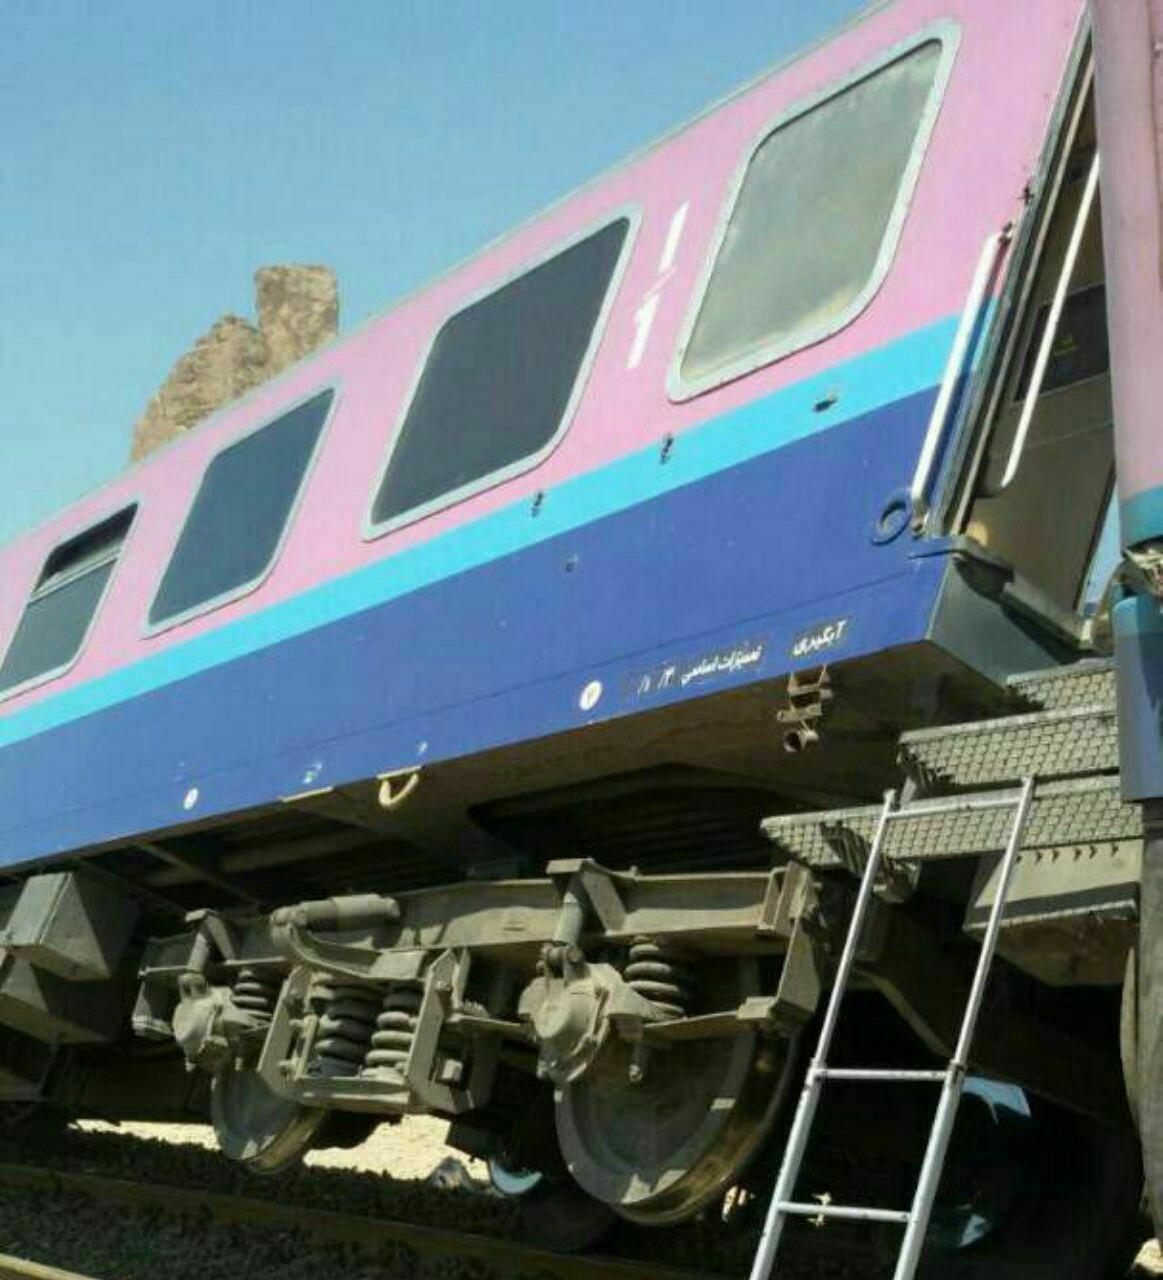 خروج 2 واگن قطار اهواز – مشهد از ریل/ مسافران سالم اند (+عکس)